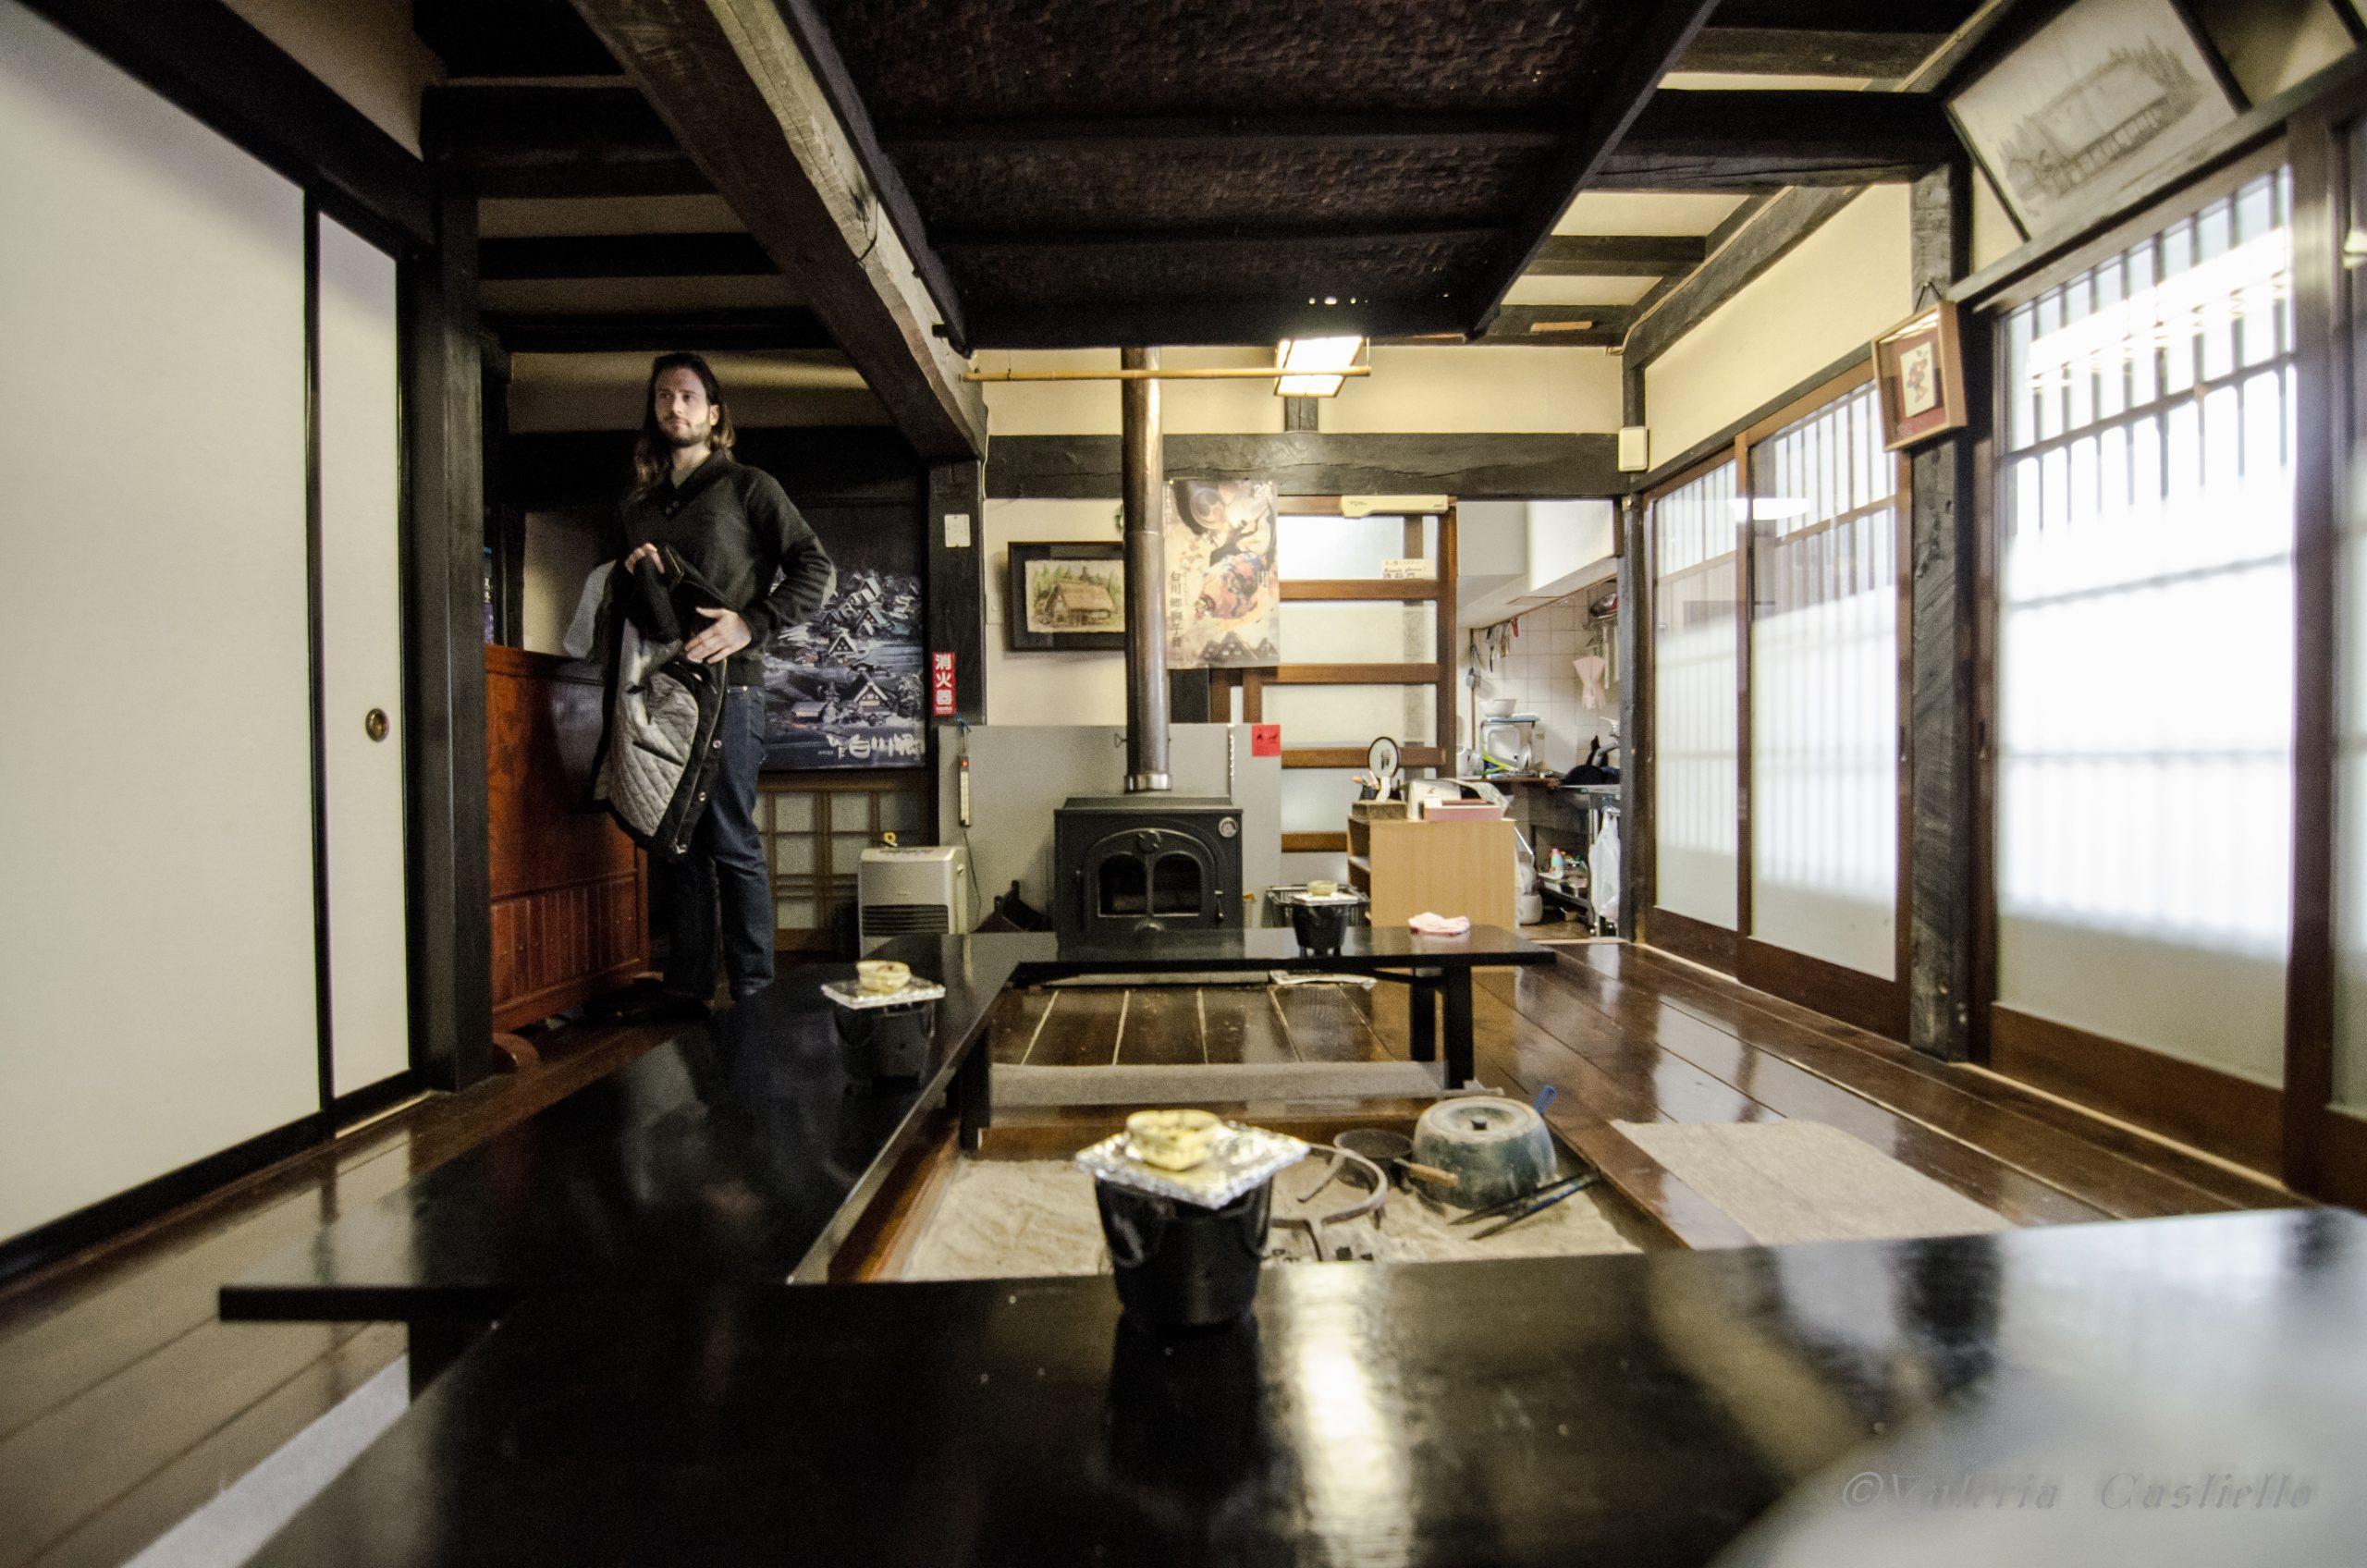 Giappone tra febbraio e marzo - Shirakawa-go